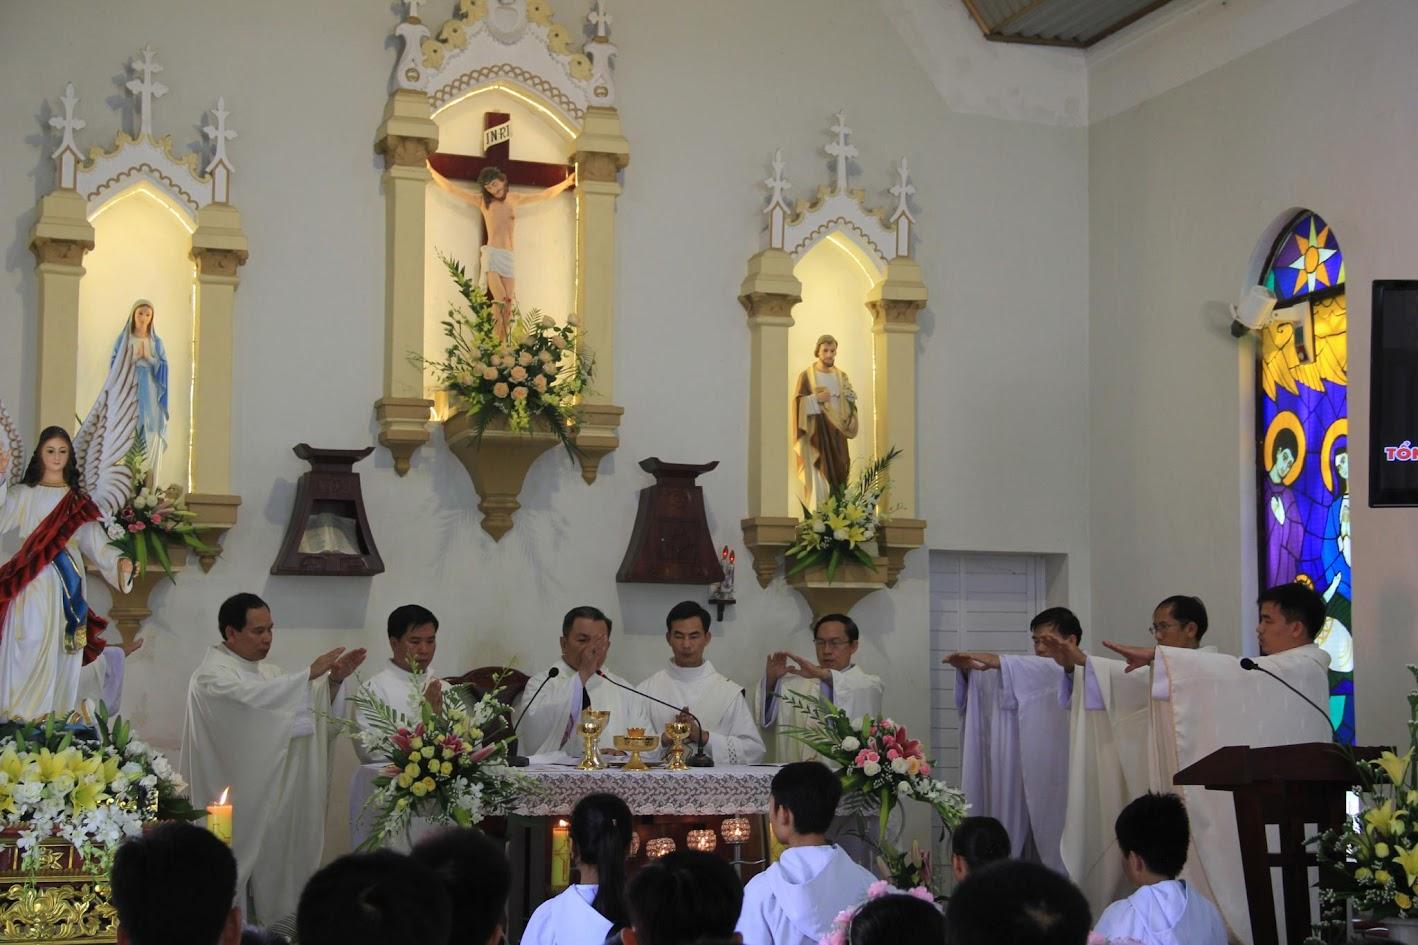 Giáo xứ Ngạn Sơn: Thánh lễ Bổn mạng và Làm phép Nhà mới - Ảnh minh hoạ 17